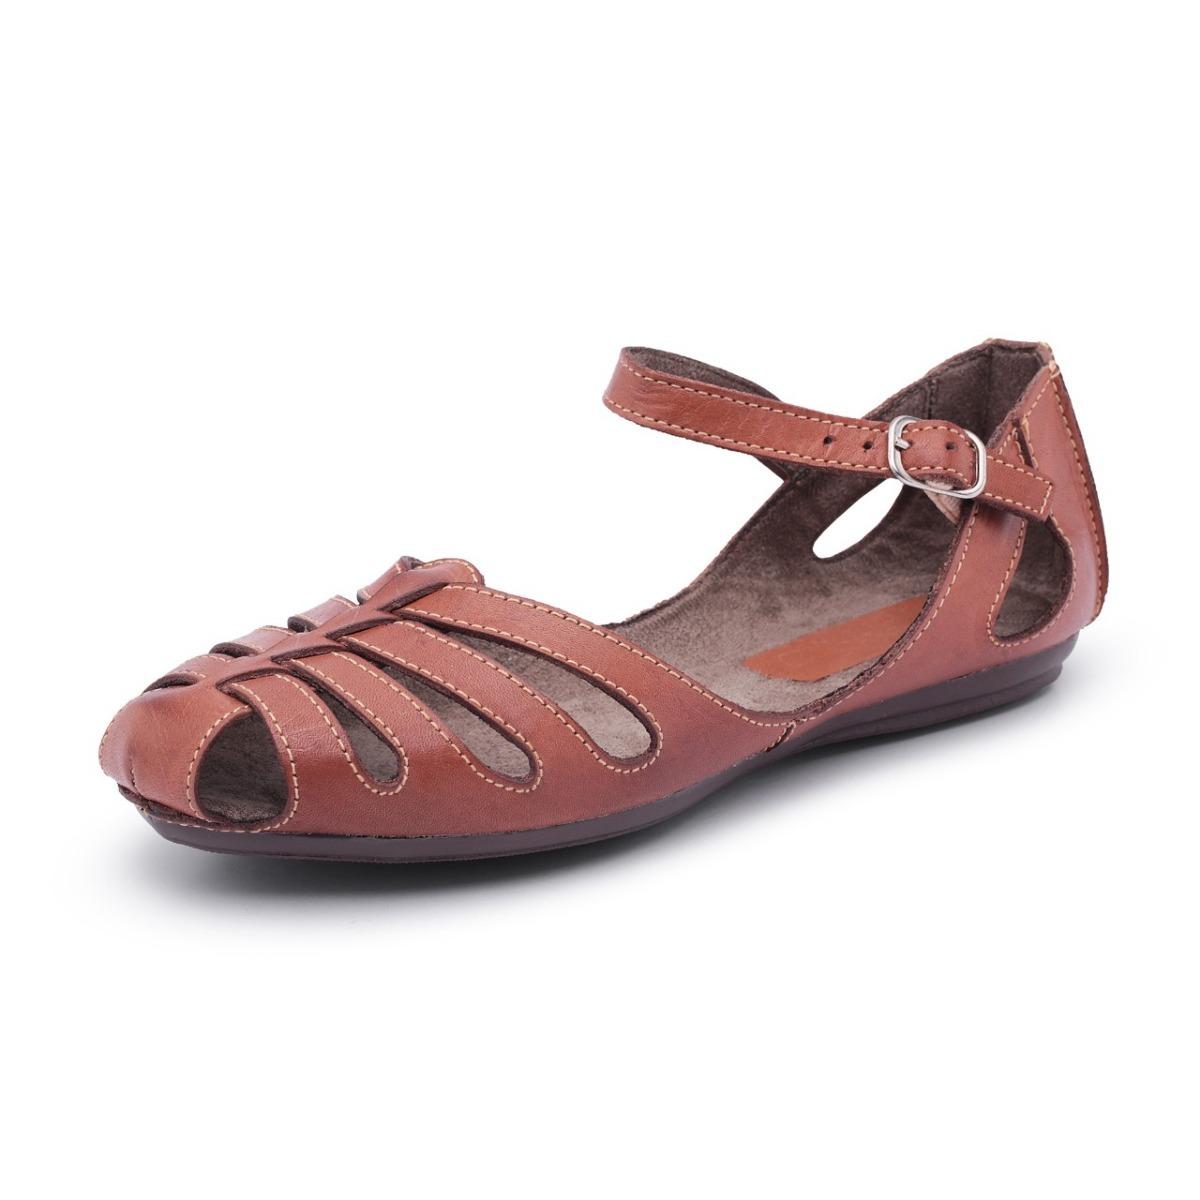 5e9d0dc310 sapatilha feminina sandália estilo azaleia conforto em couro. Carregando  zoom.